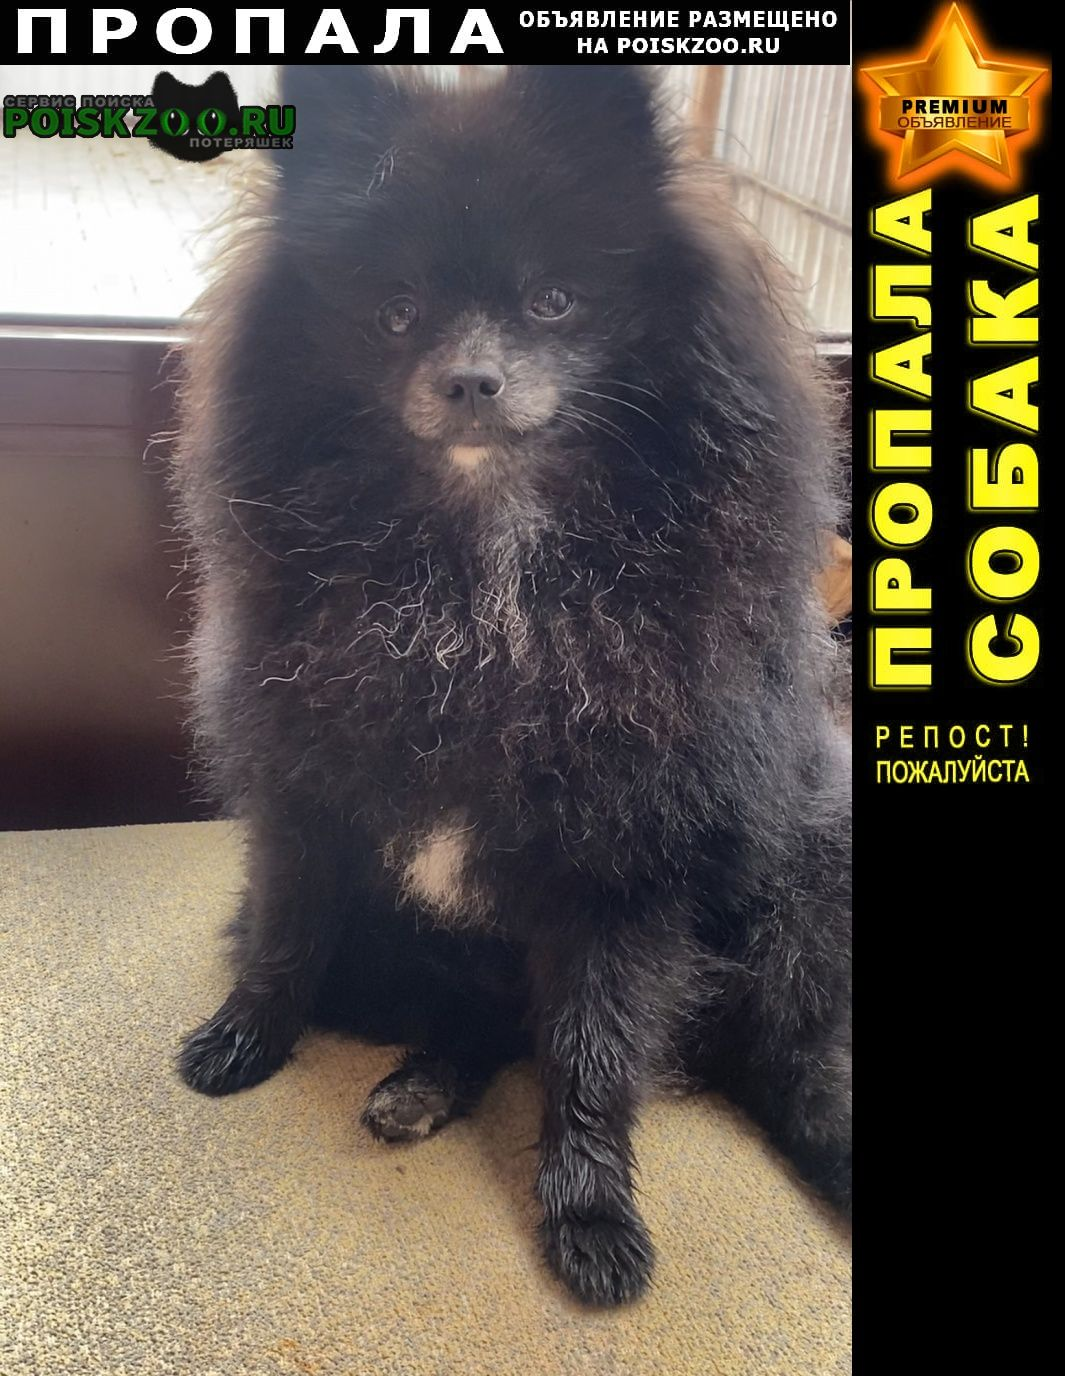 Пропала собака кобель Архангельское